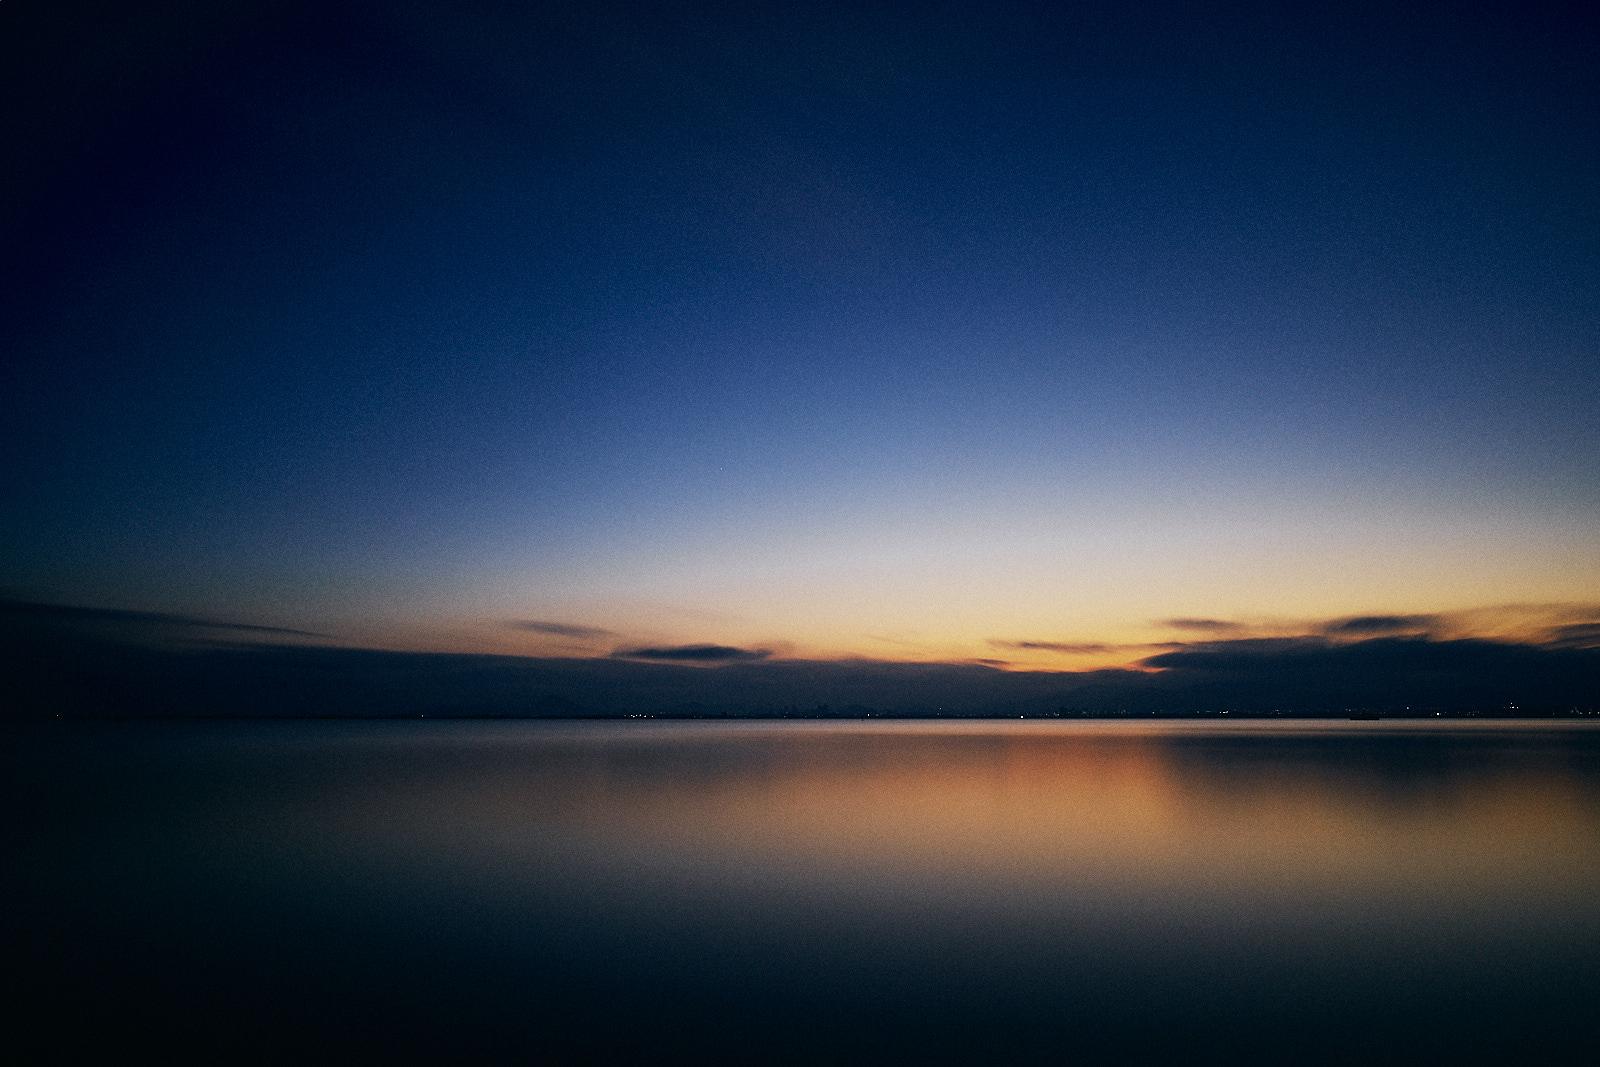 琵琶湖 #134